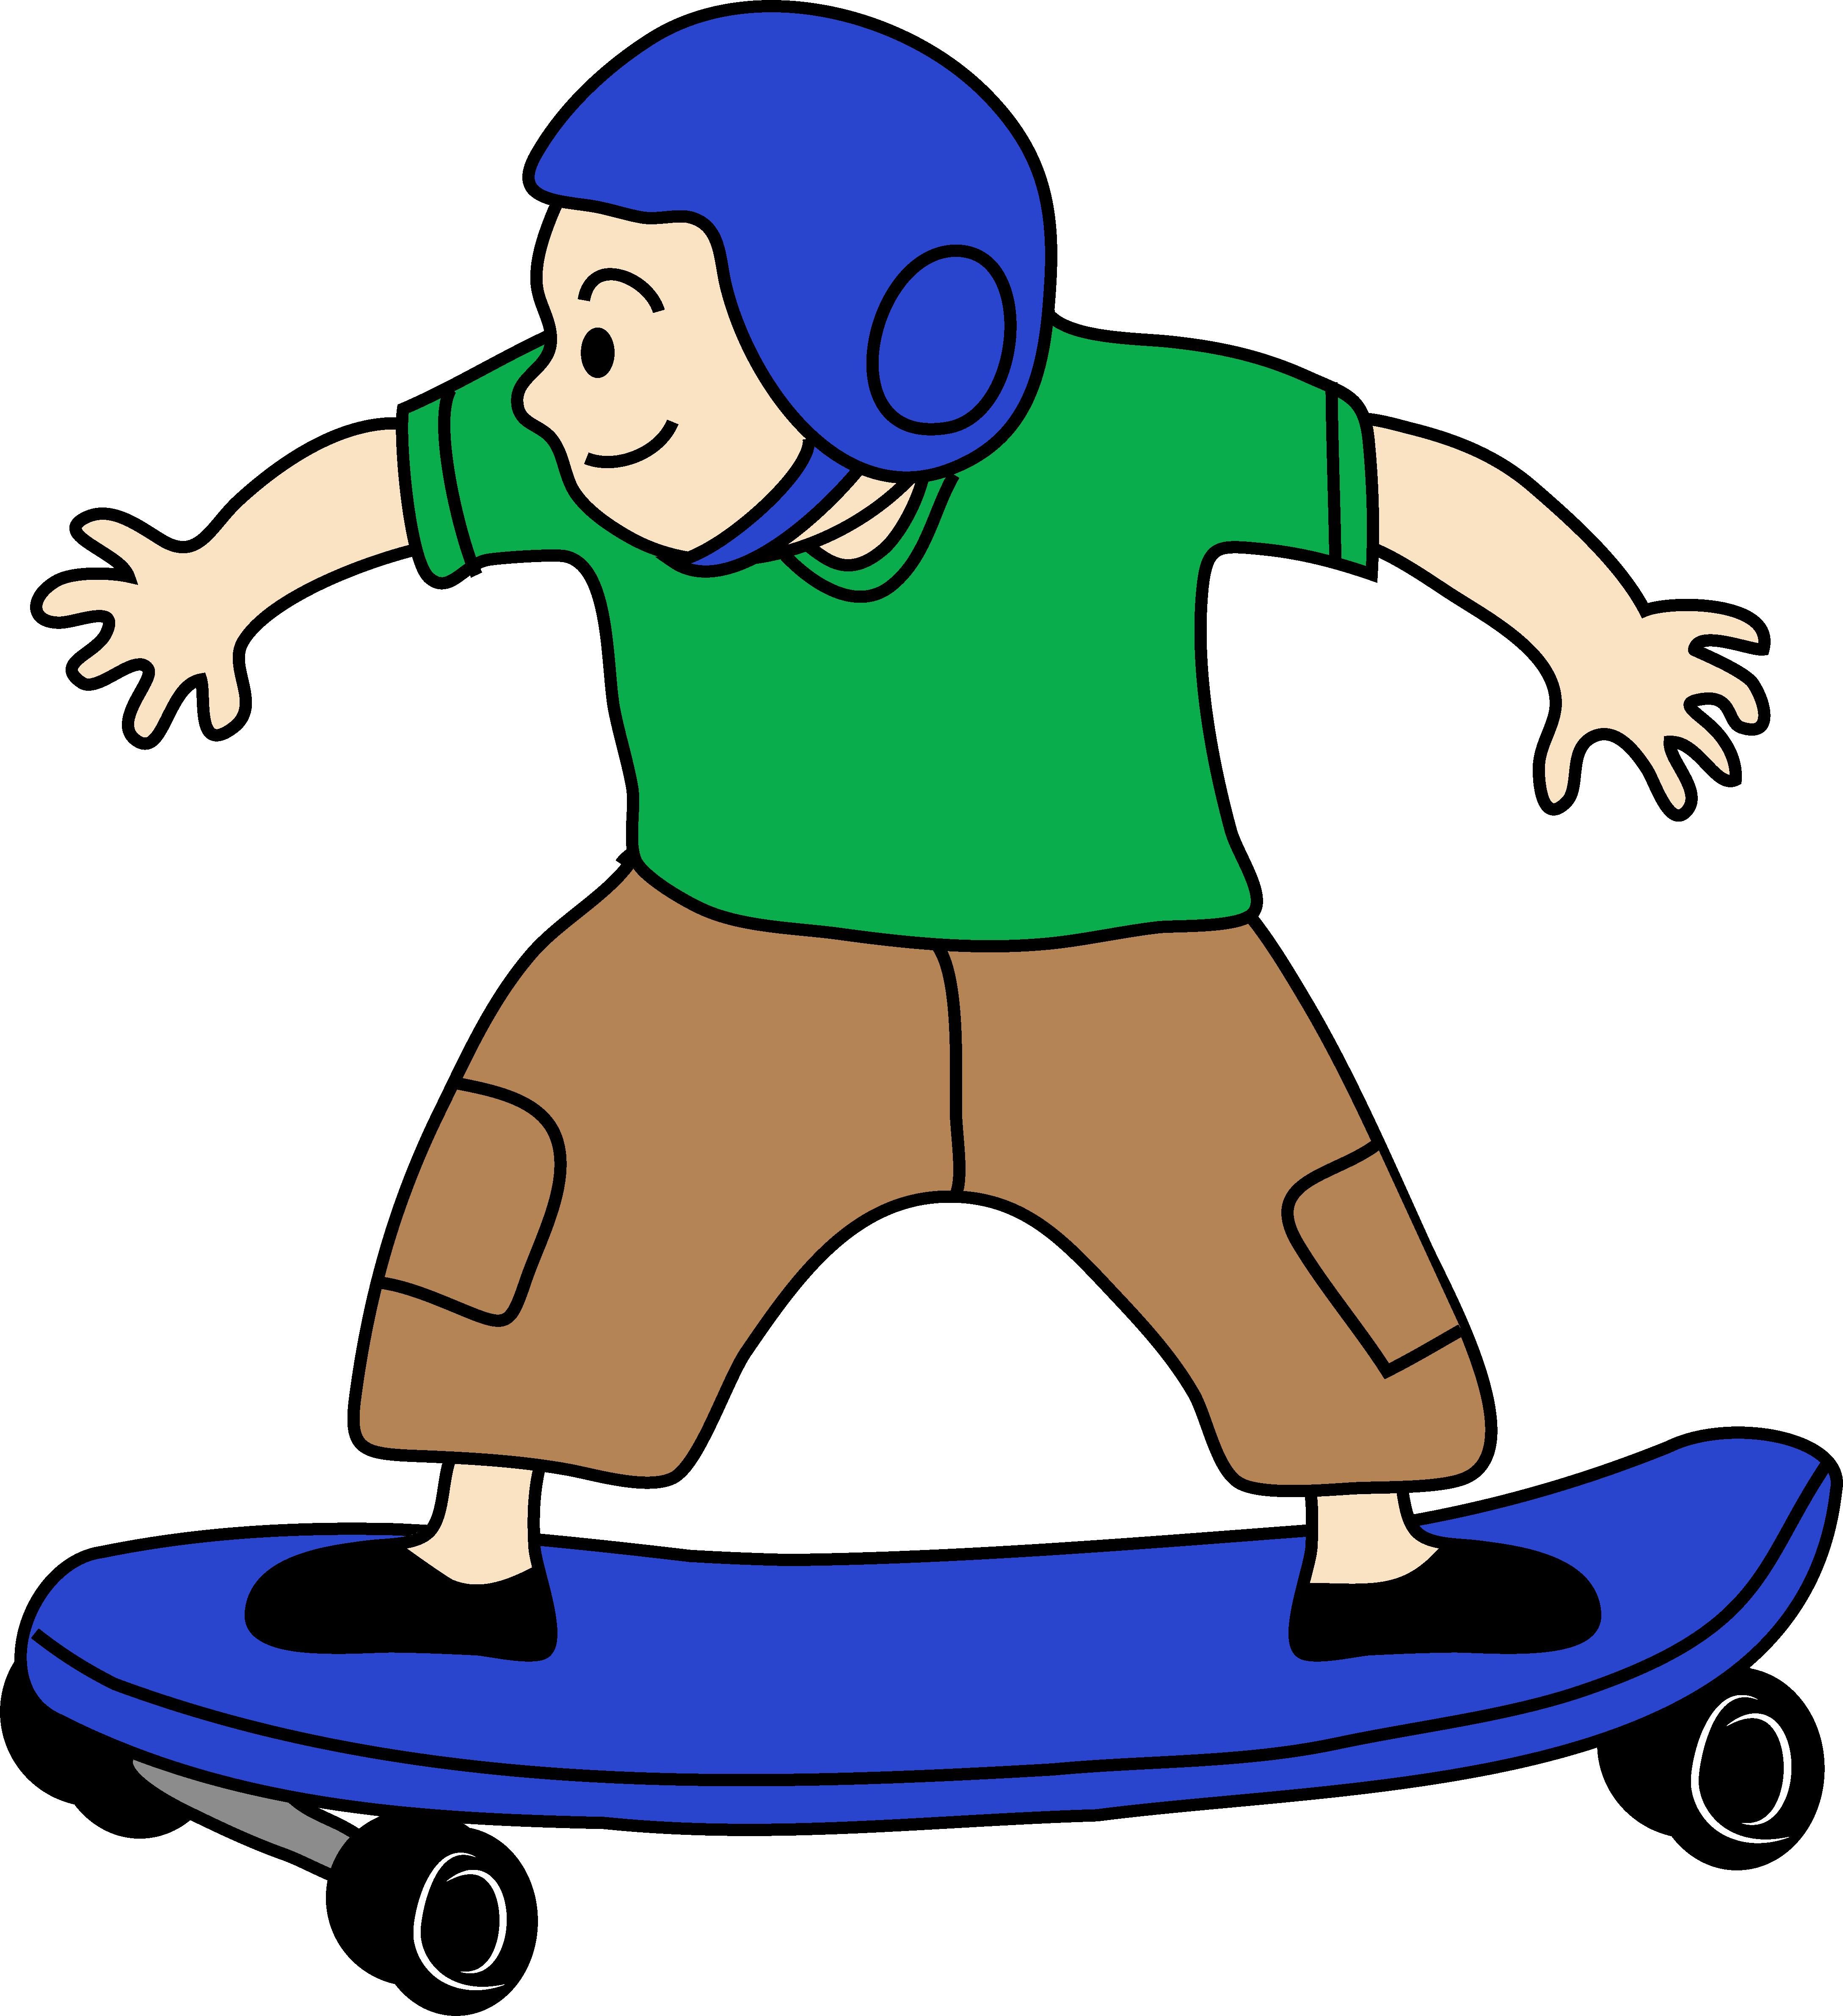 skateboard clipart-skateboard clipart-0